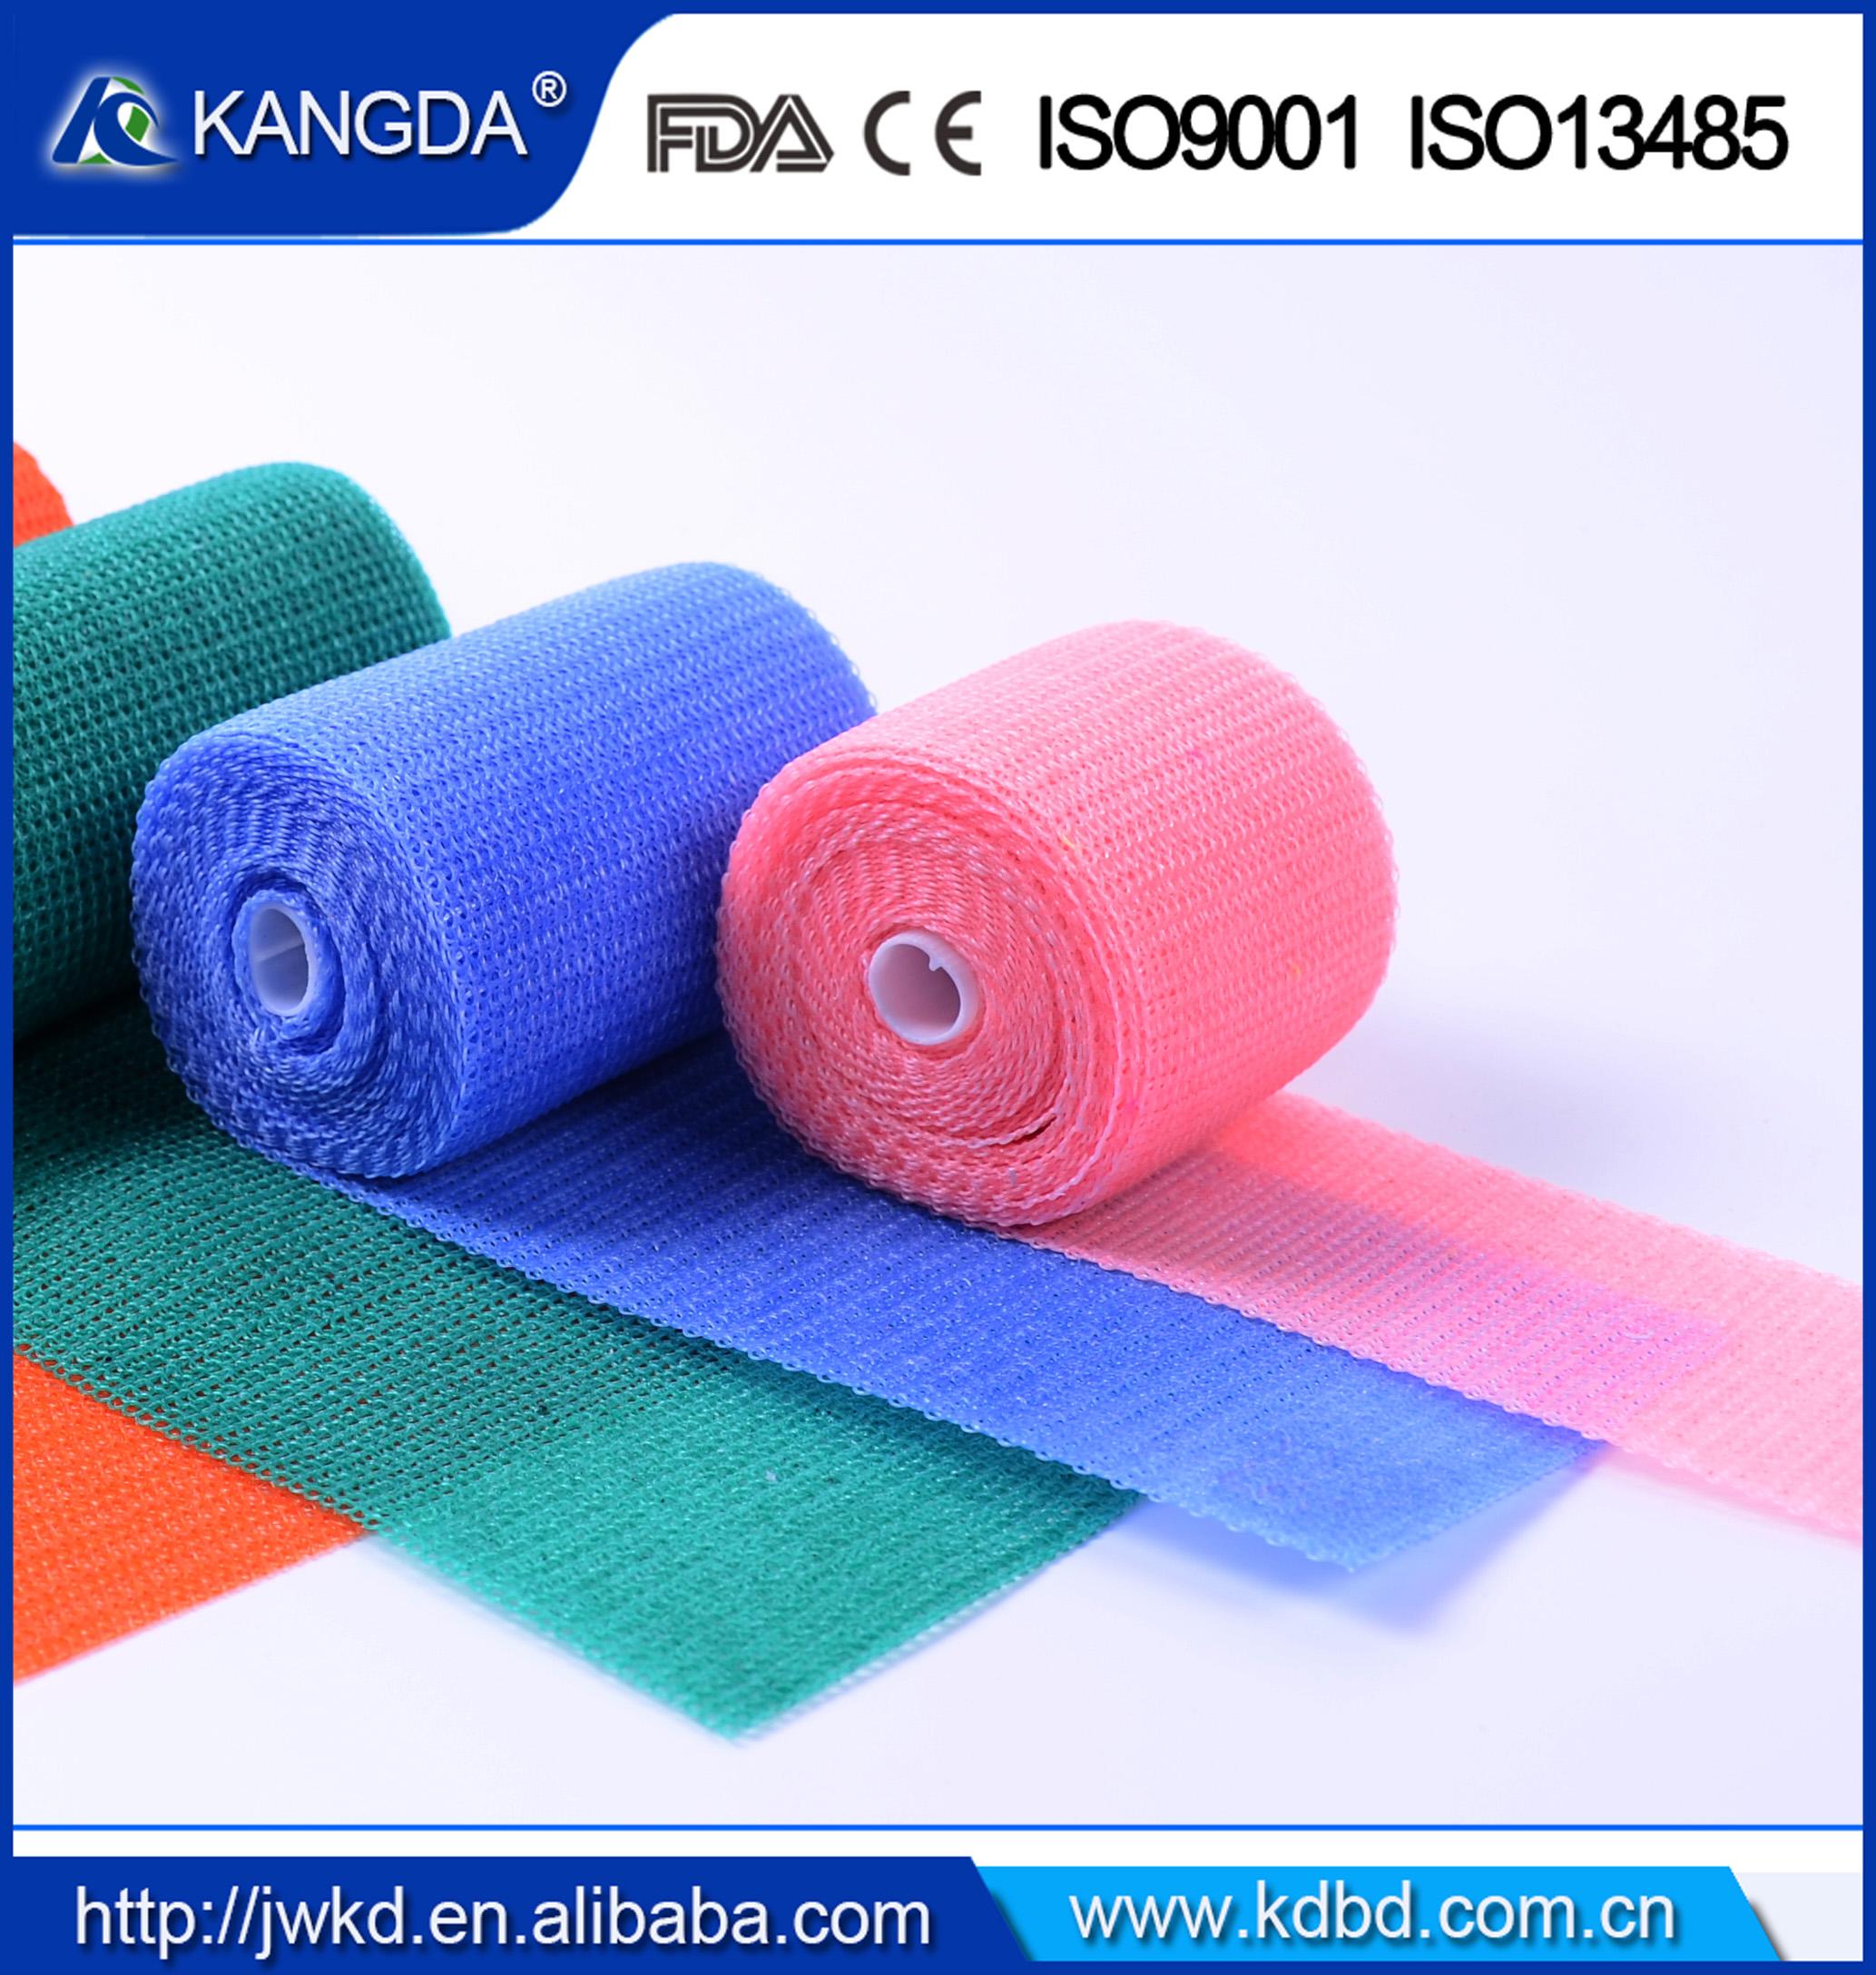 kangda products